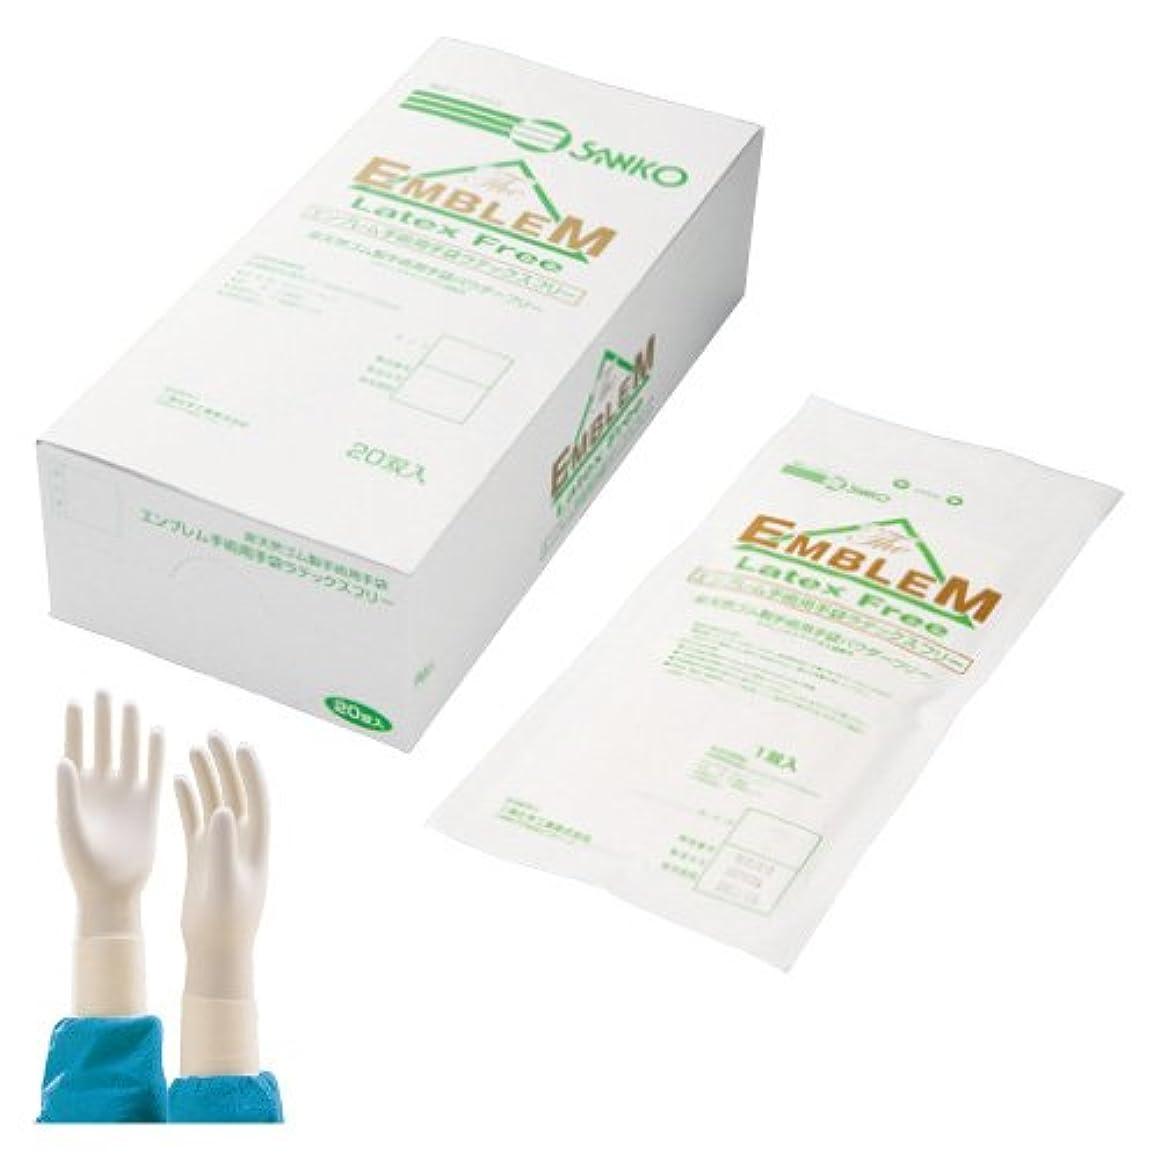 断線安定グリットエンブレム手術用手袋 6 <1箱(20双入)>